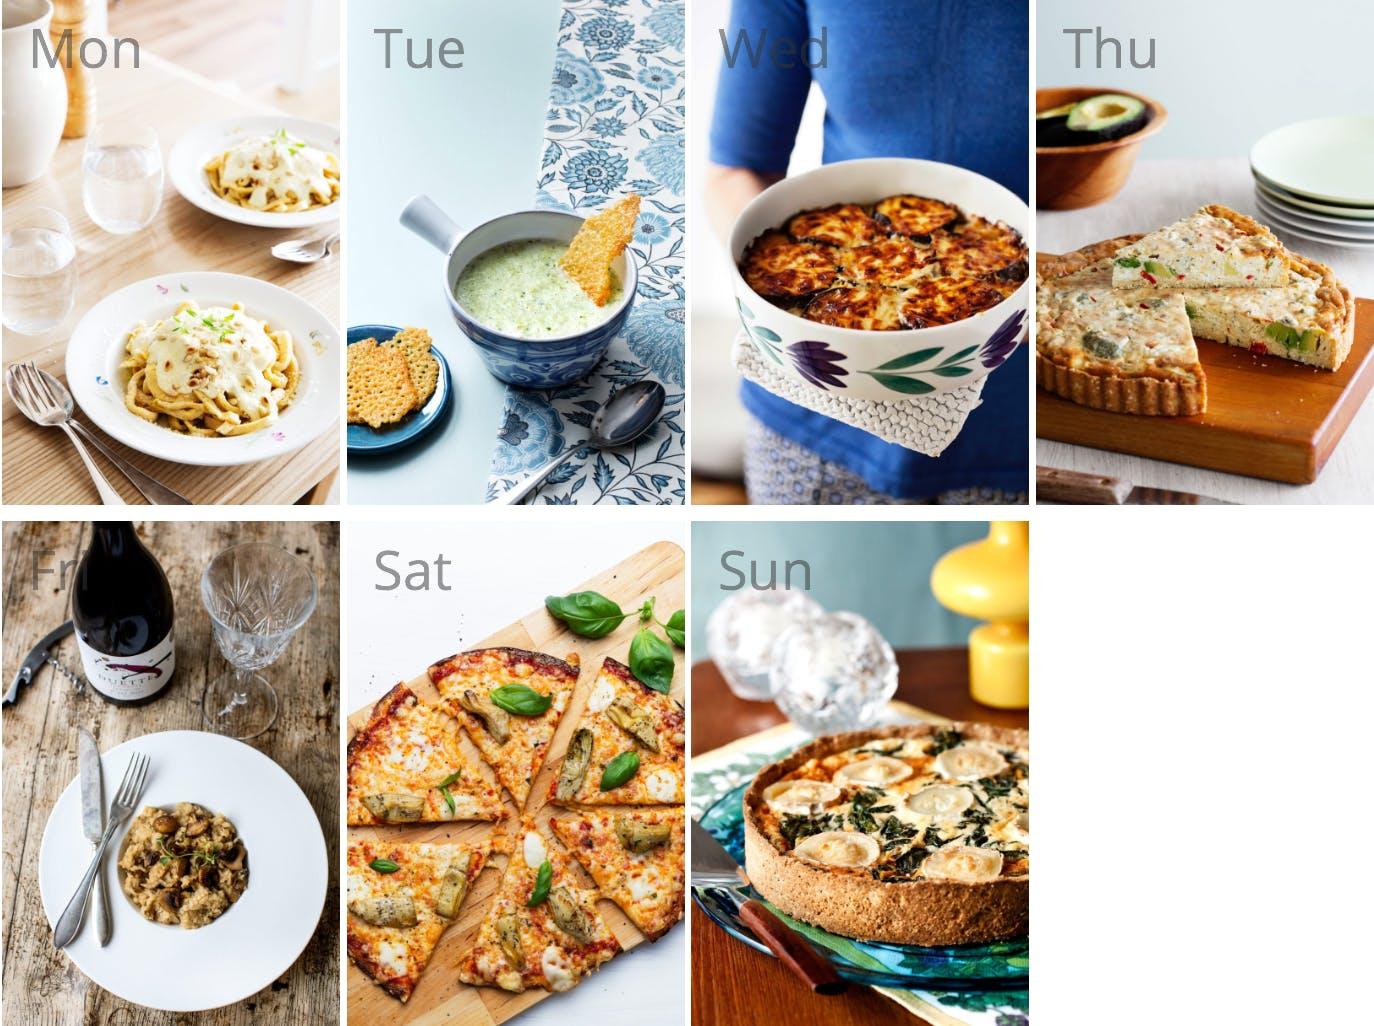 #6 meal plan: Vegetarian low carb